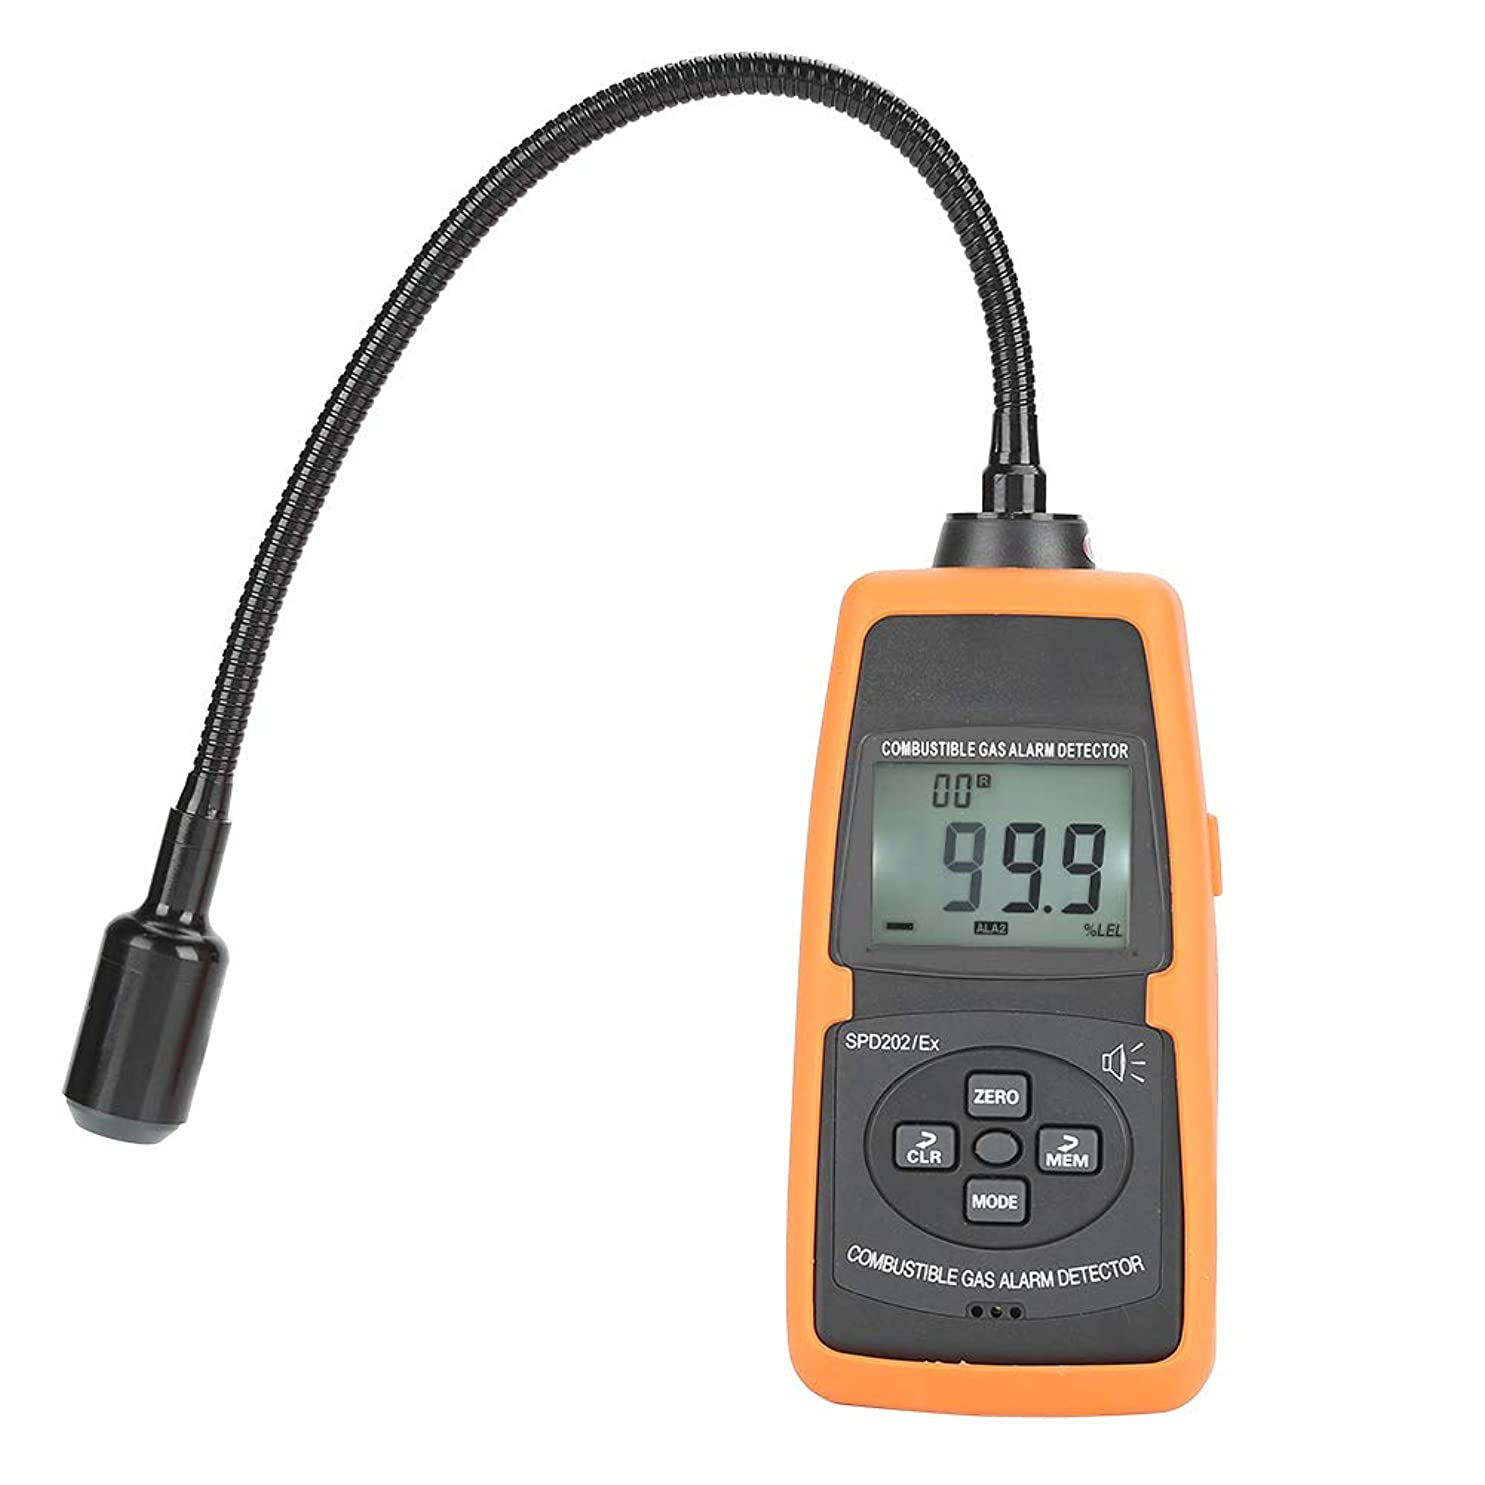 集まる漁師国籍天然ガス検知器、ポータブルデジタル可燃性ガス警報テスターメーターツール